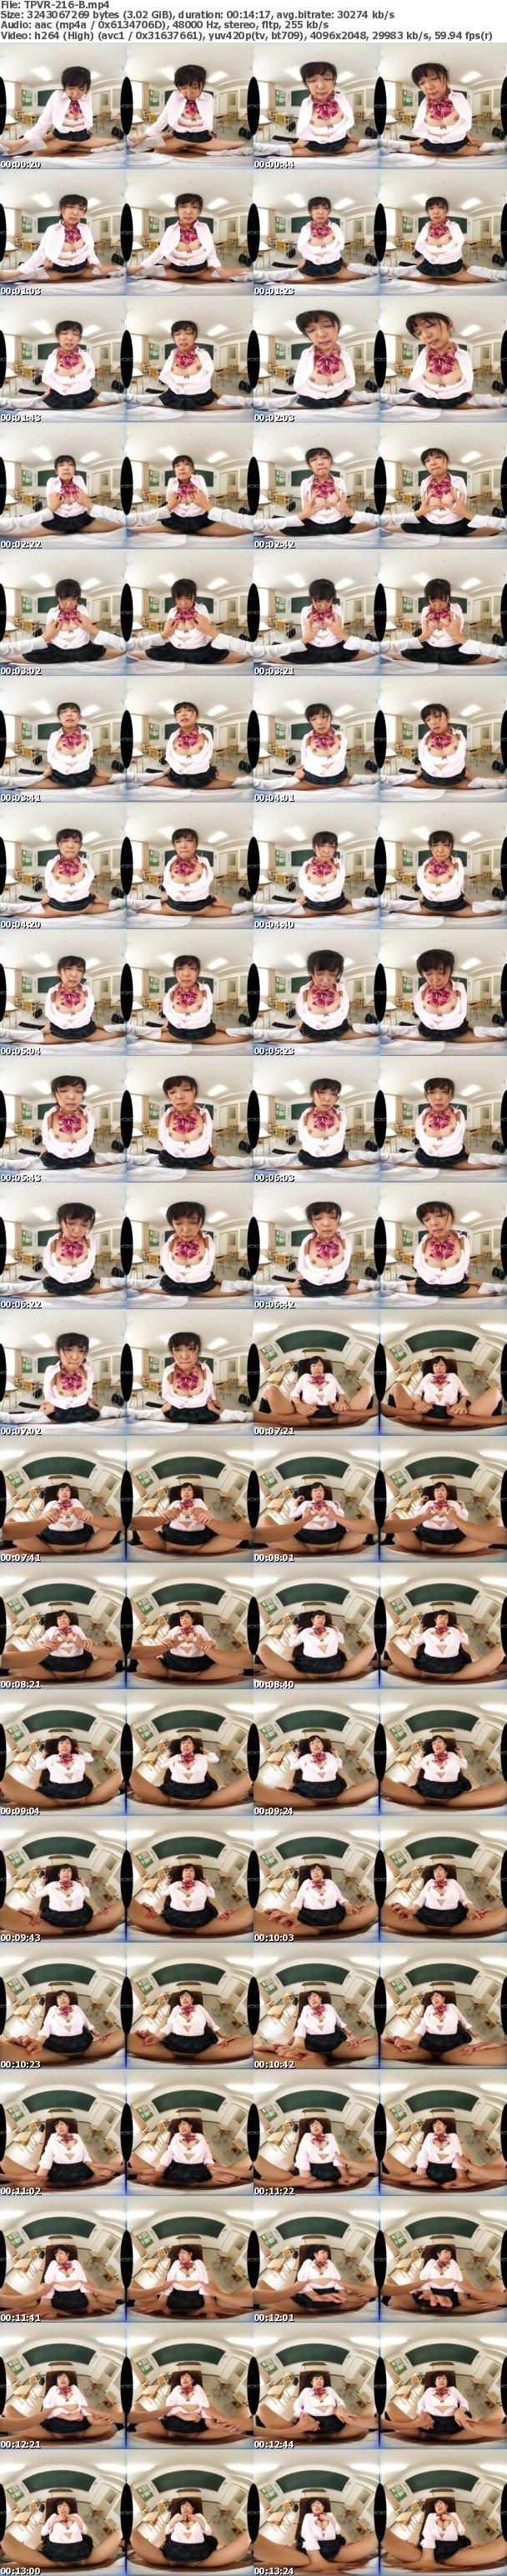 (VR) TPVR-216 HQ60fps 優等生の裏の顔 パパ活の斡旋をする制服娘に孕ませ中出し制裁!